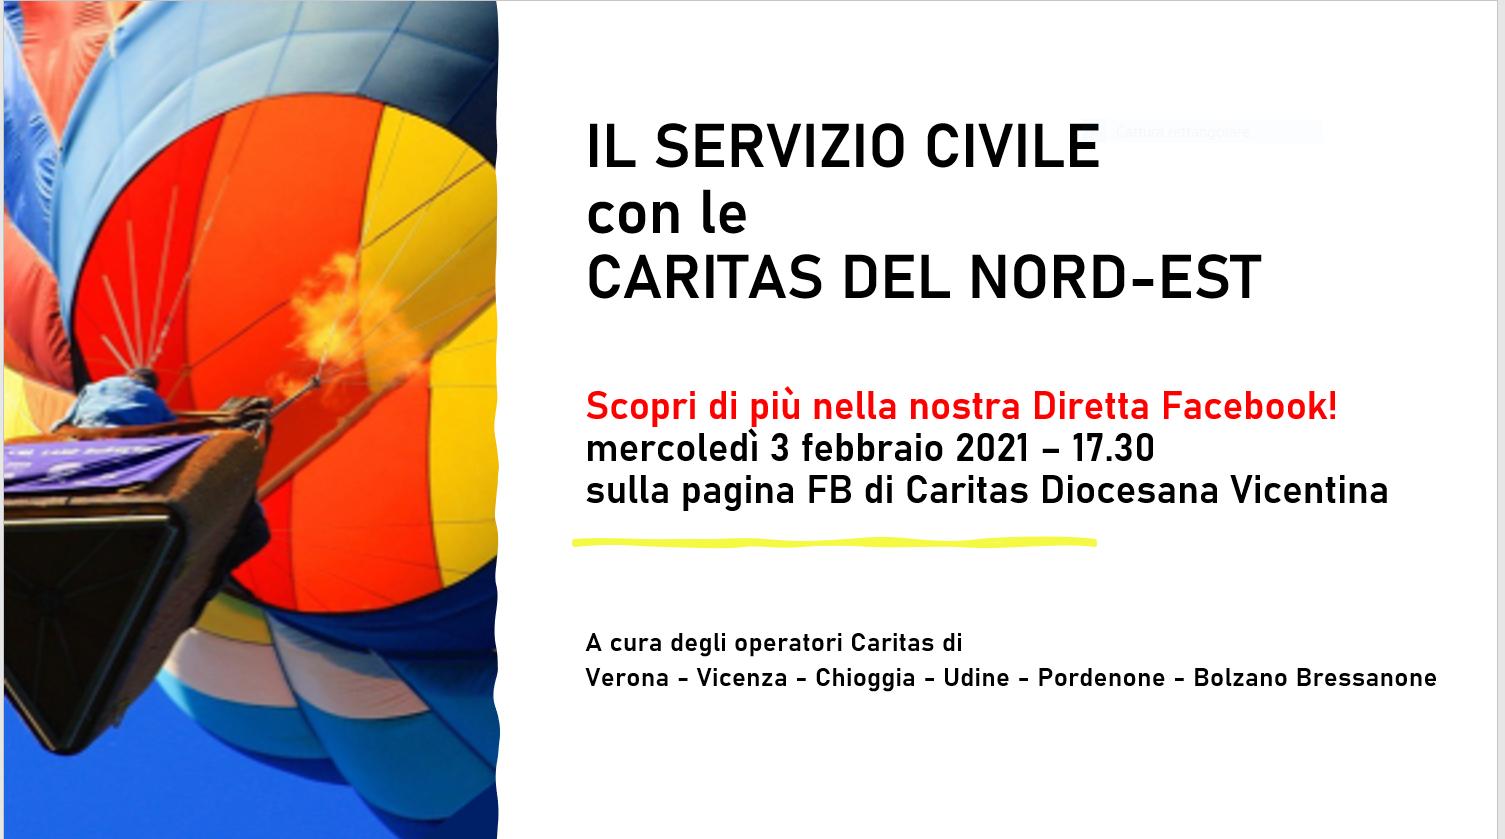 Una diretta Facebook per scoprire il Servizio Civile Universale nelle Caritas del Nord-Est